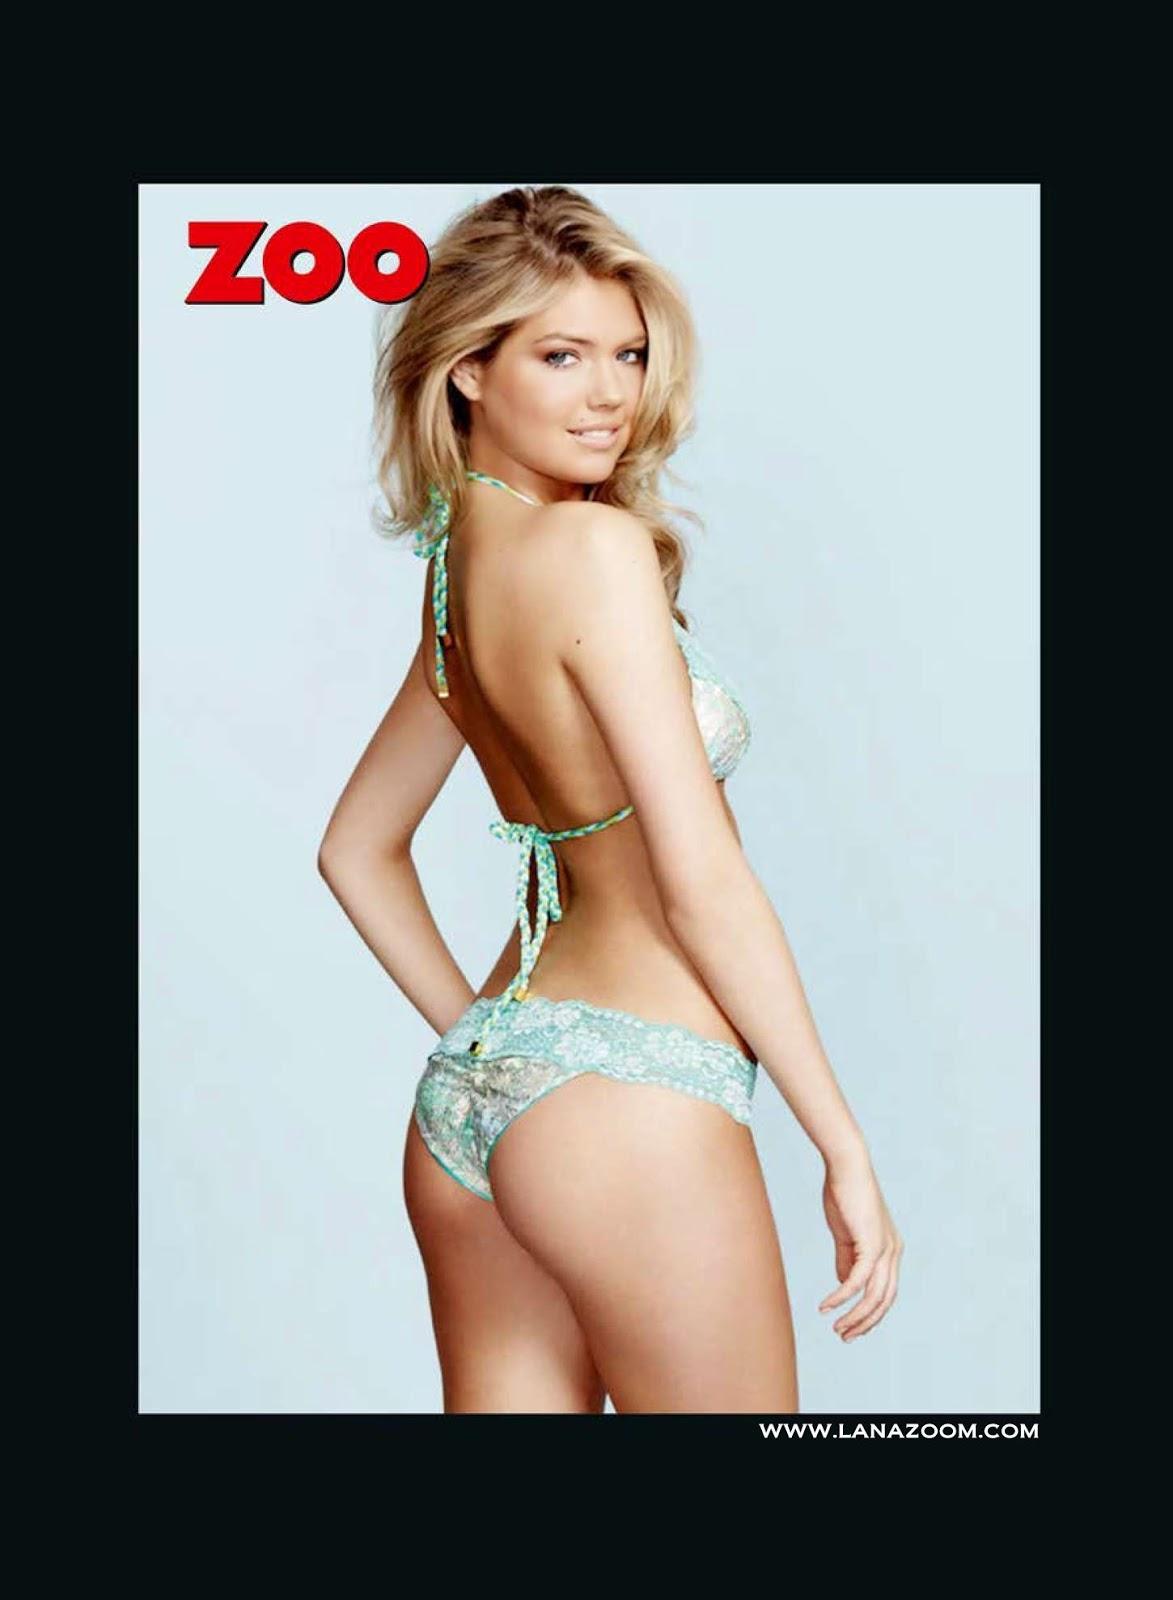 كيت ابتون في صور جميلة لمجلة ZOO UK - أبريل 2015